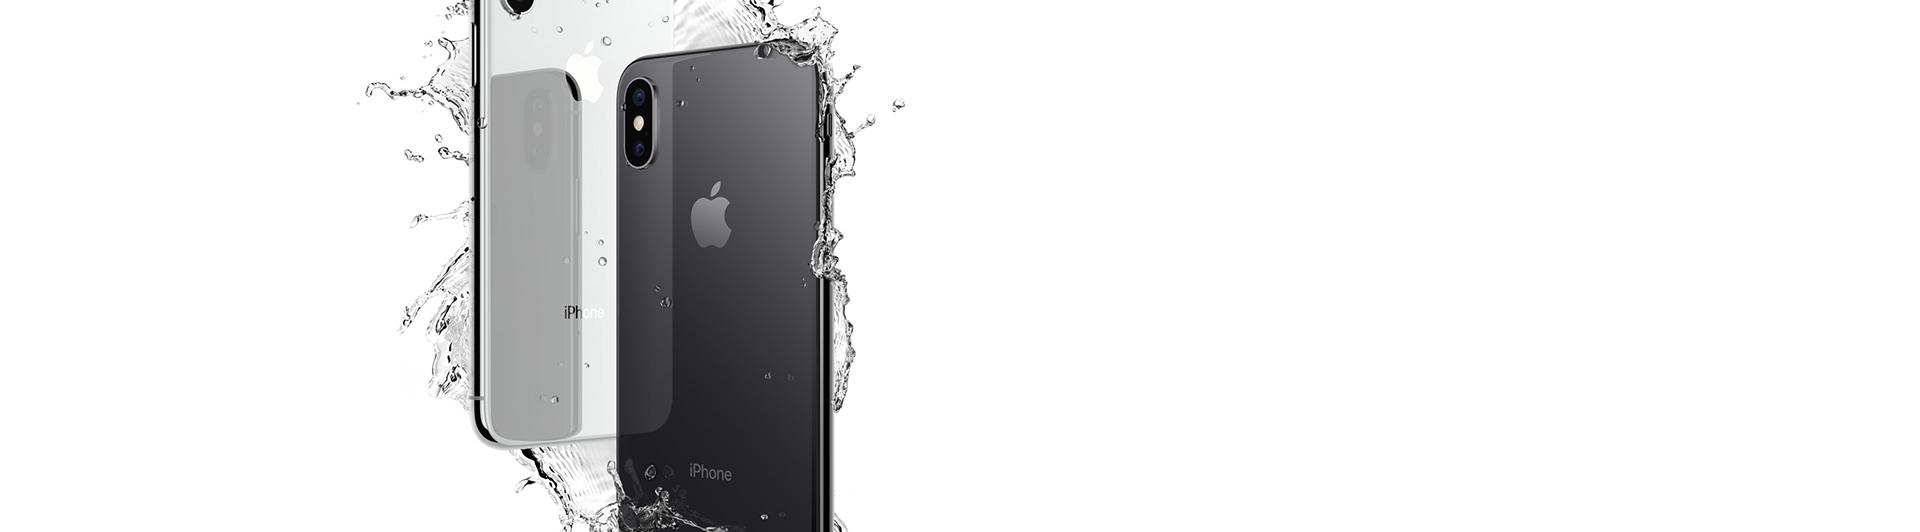 Điện thoại di động iPhone X 64GB Gray camera sau kép 12 MP, trước 7 MP chụp ảnh ấn tượng